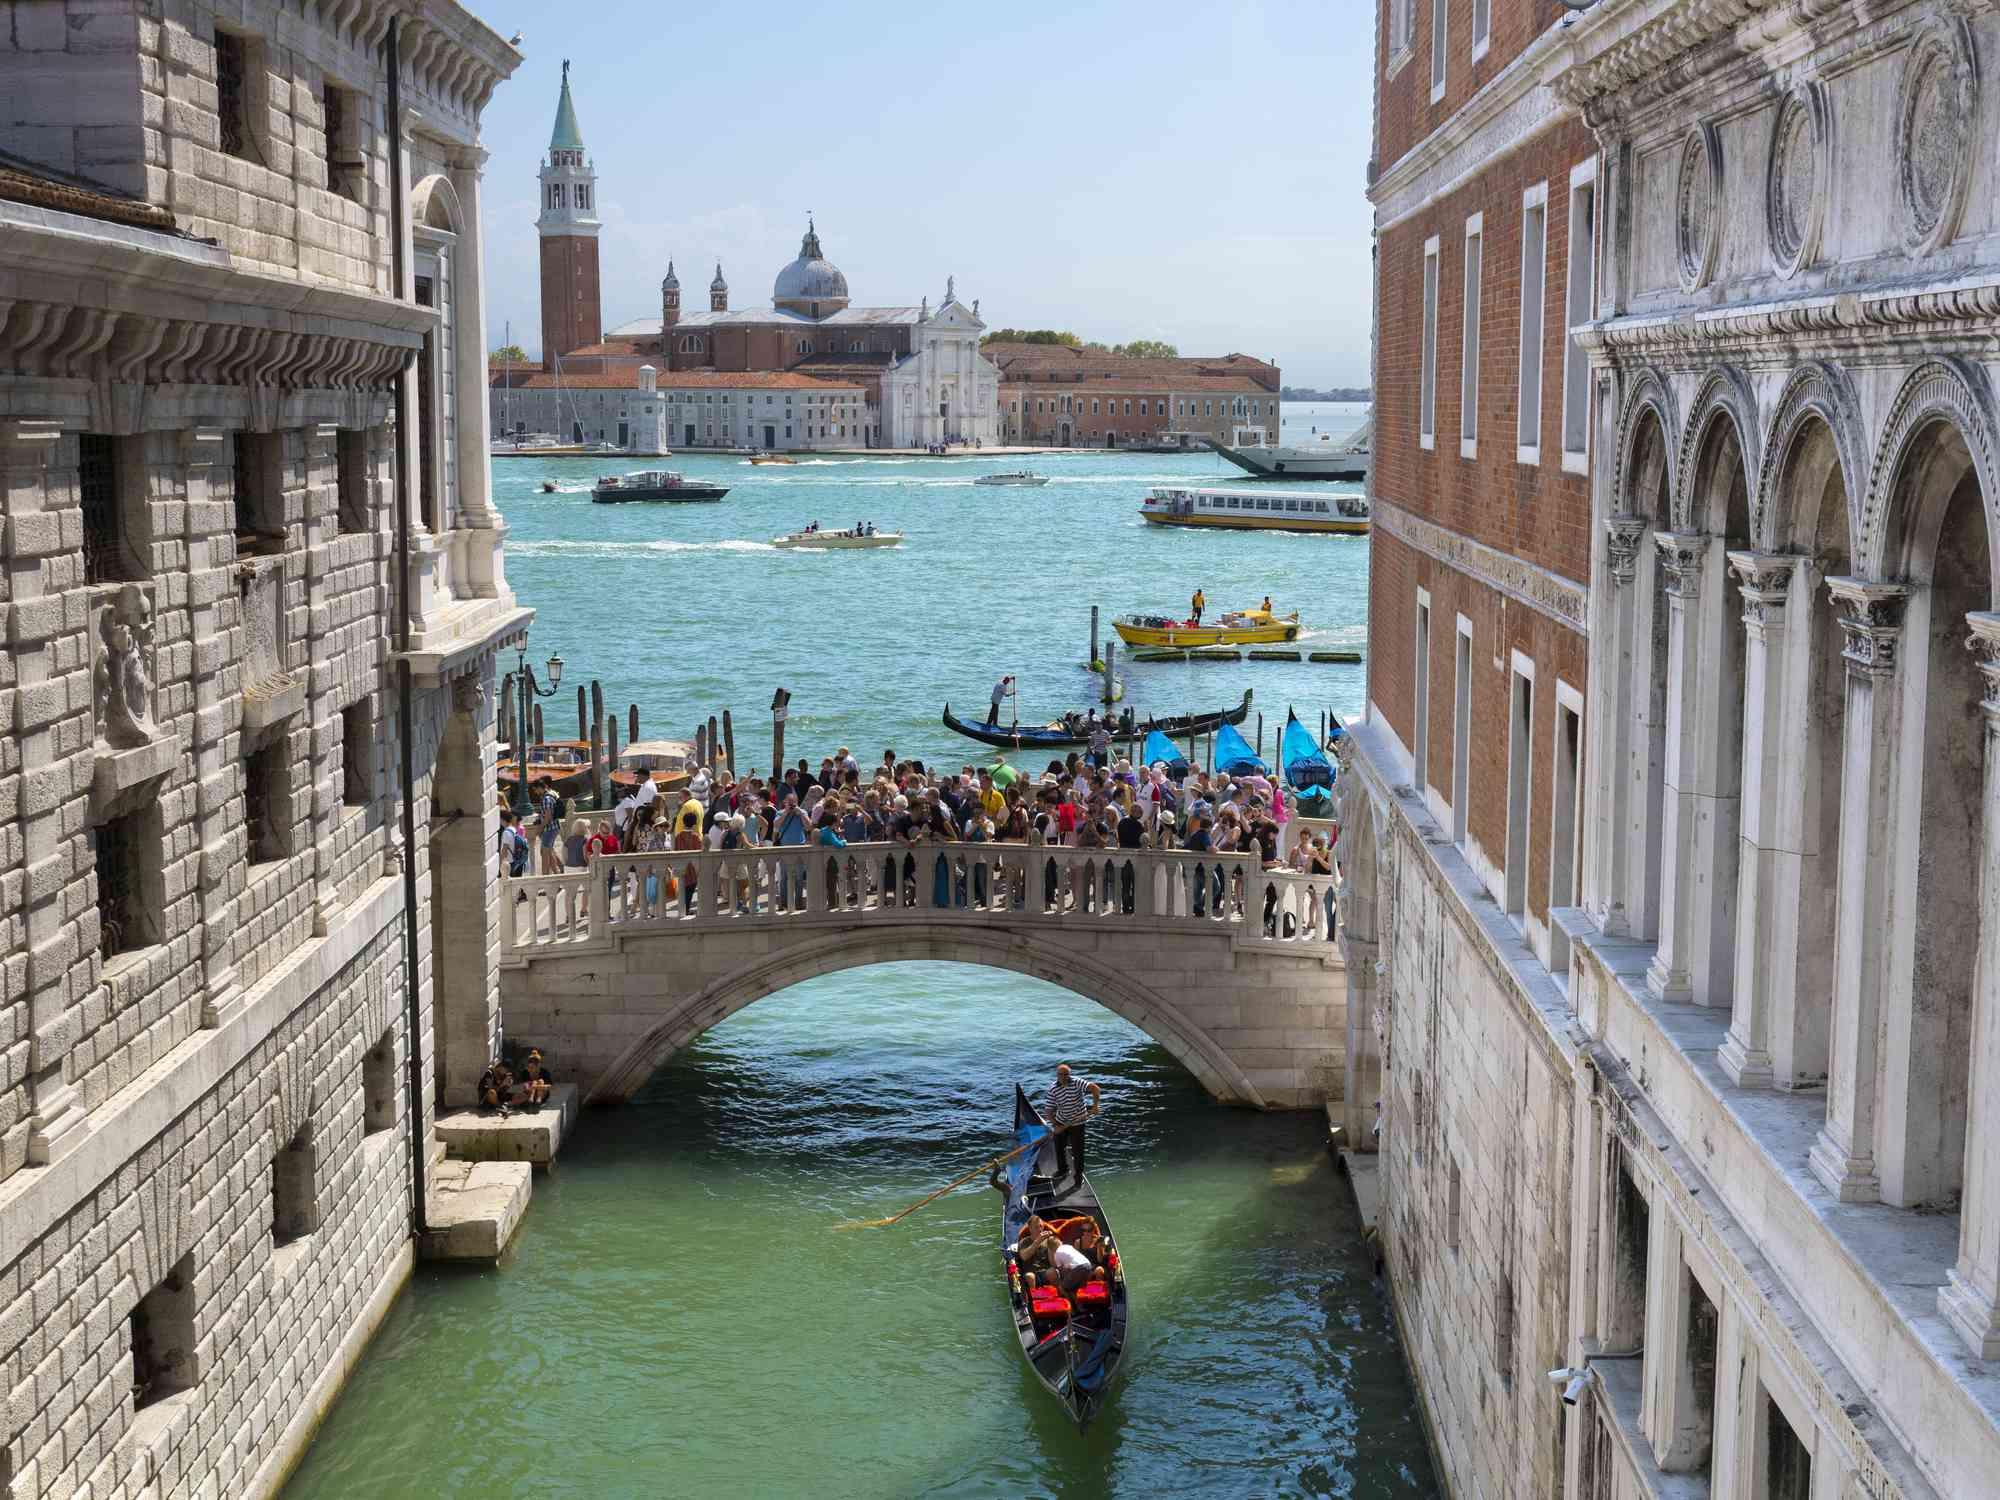 A group of tourists on the Ponte della Paglia, Venice